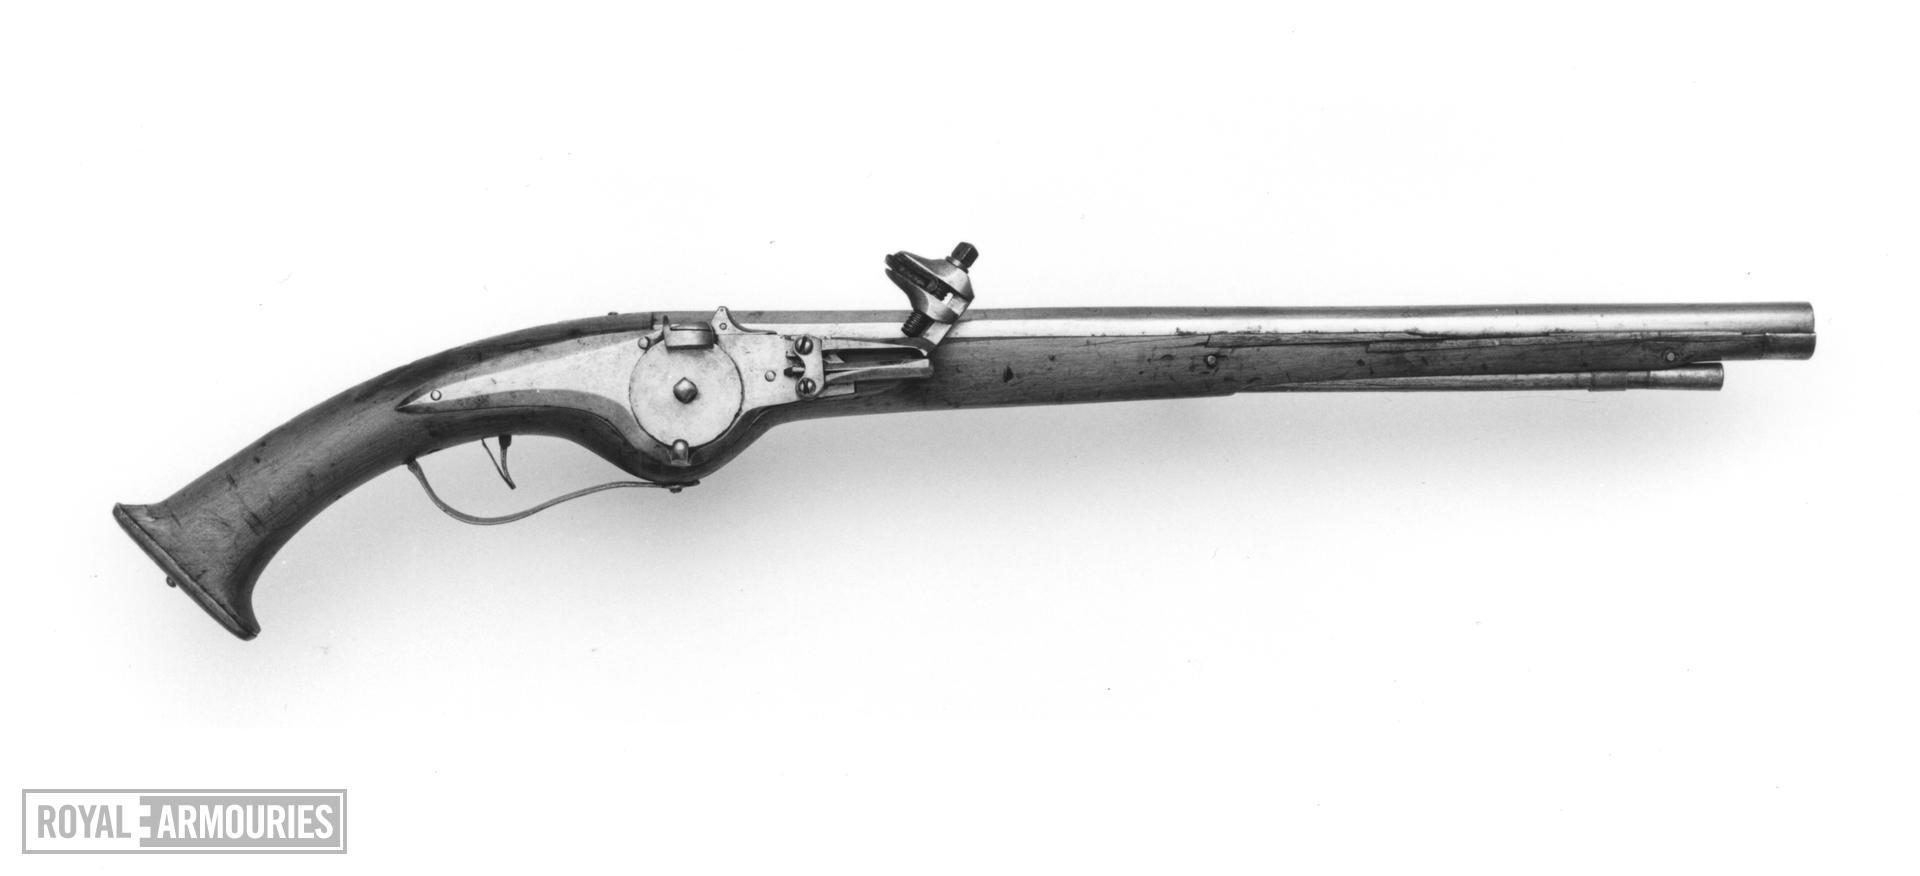 Wheellock pistol Military type pistol